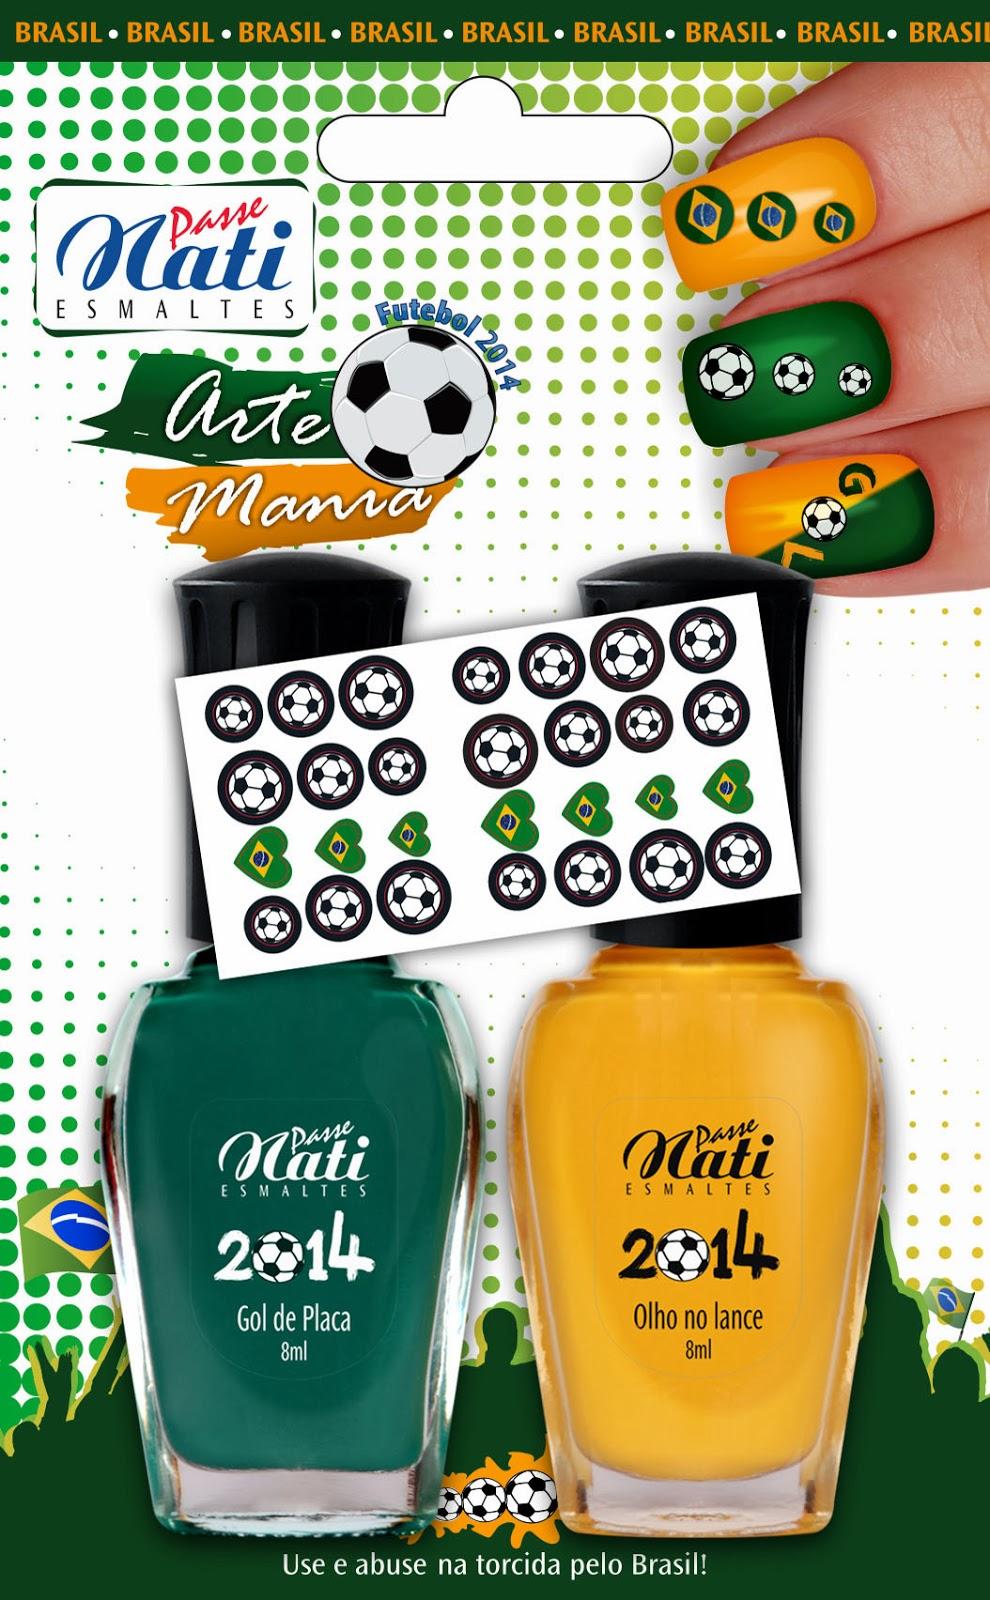 Esmaltes Passe Nati Coleção Futebol 2014